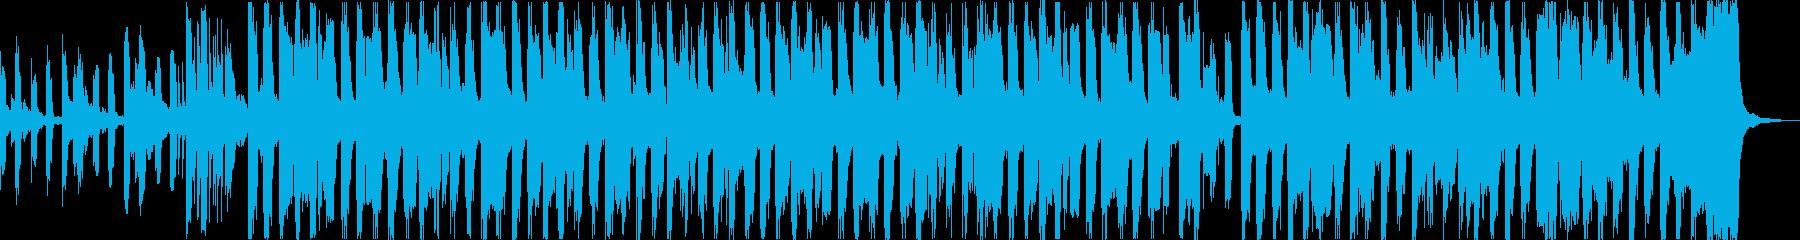 おしゃれチルヒップホップR&Bハウスbの再生済みの波形